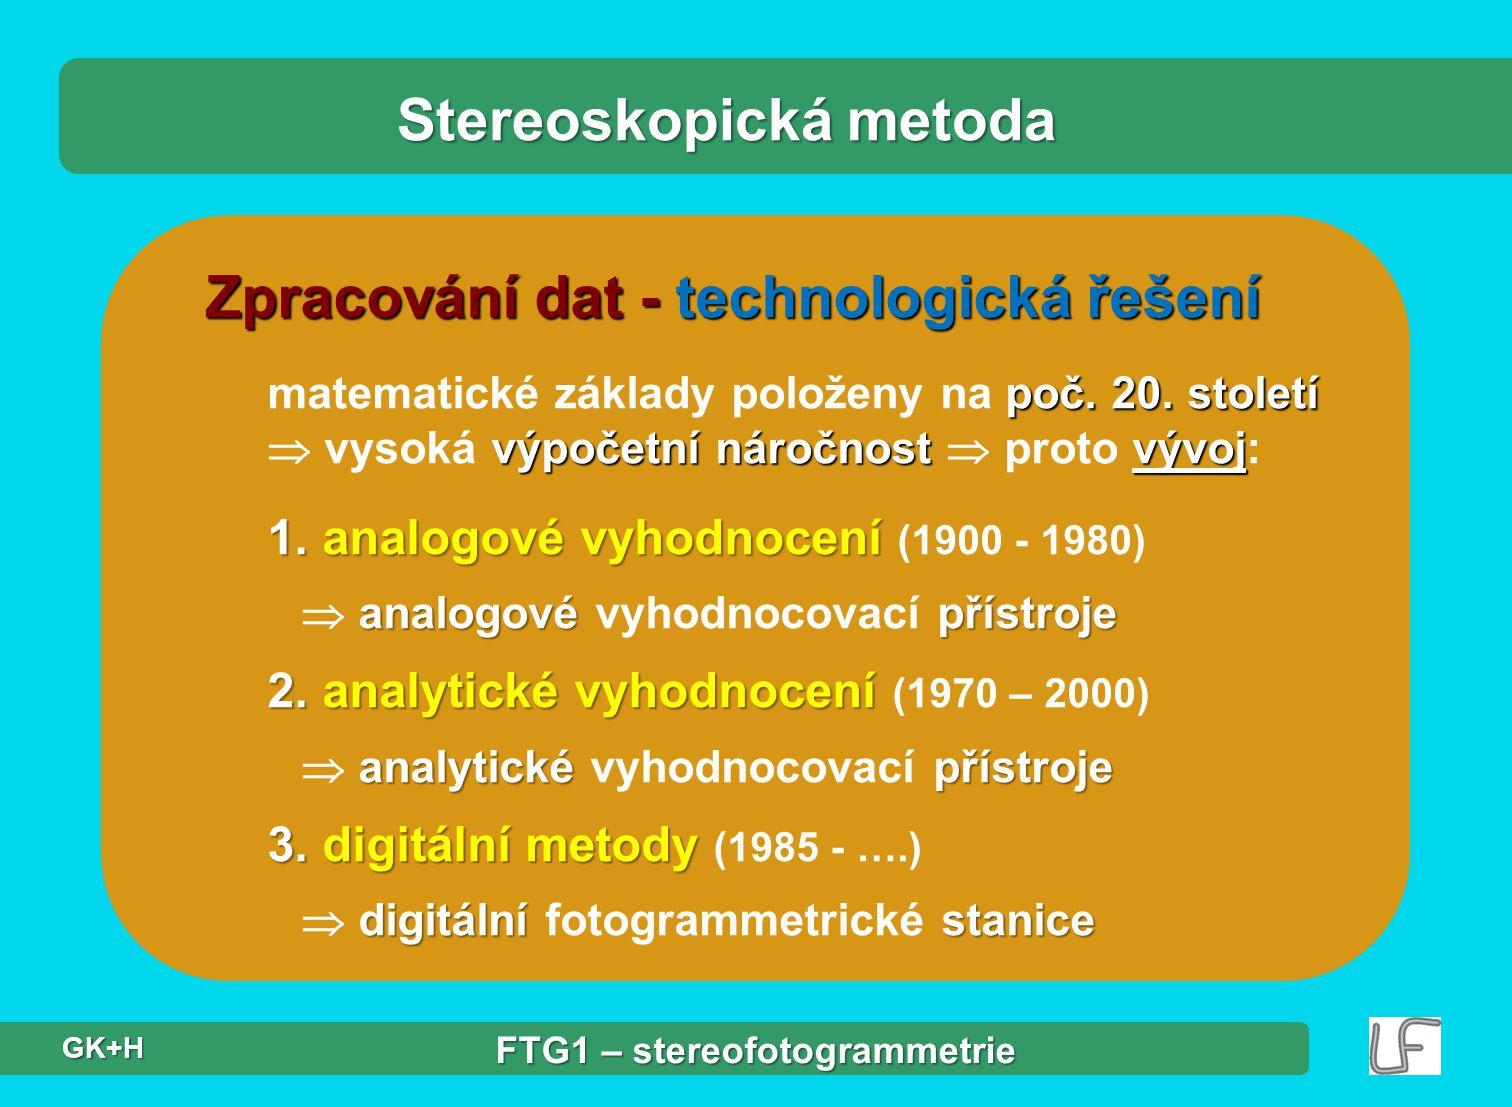 Zpracování dat - technologická řešení poč. 20. století výpočetní náročnost vývoj matematické základy položeny na poč. 20. století  vysoká výpočetní n